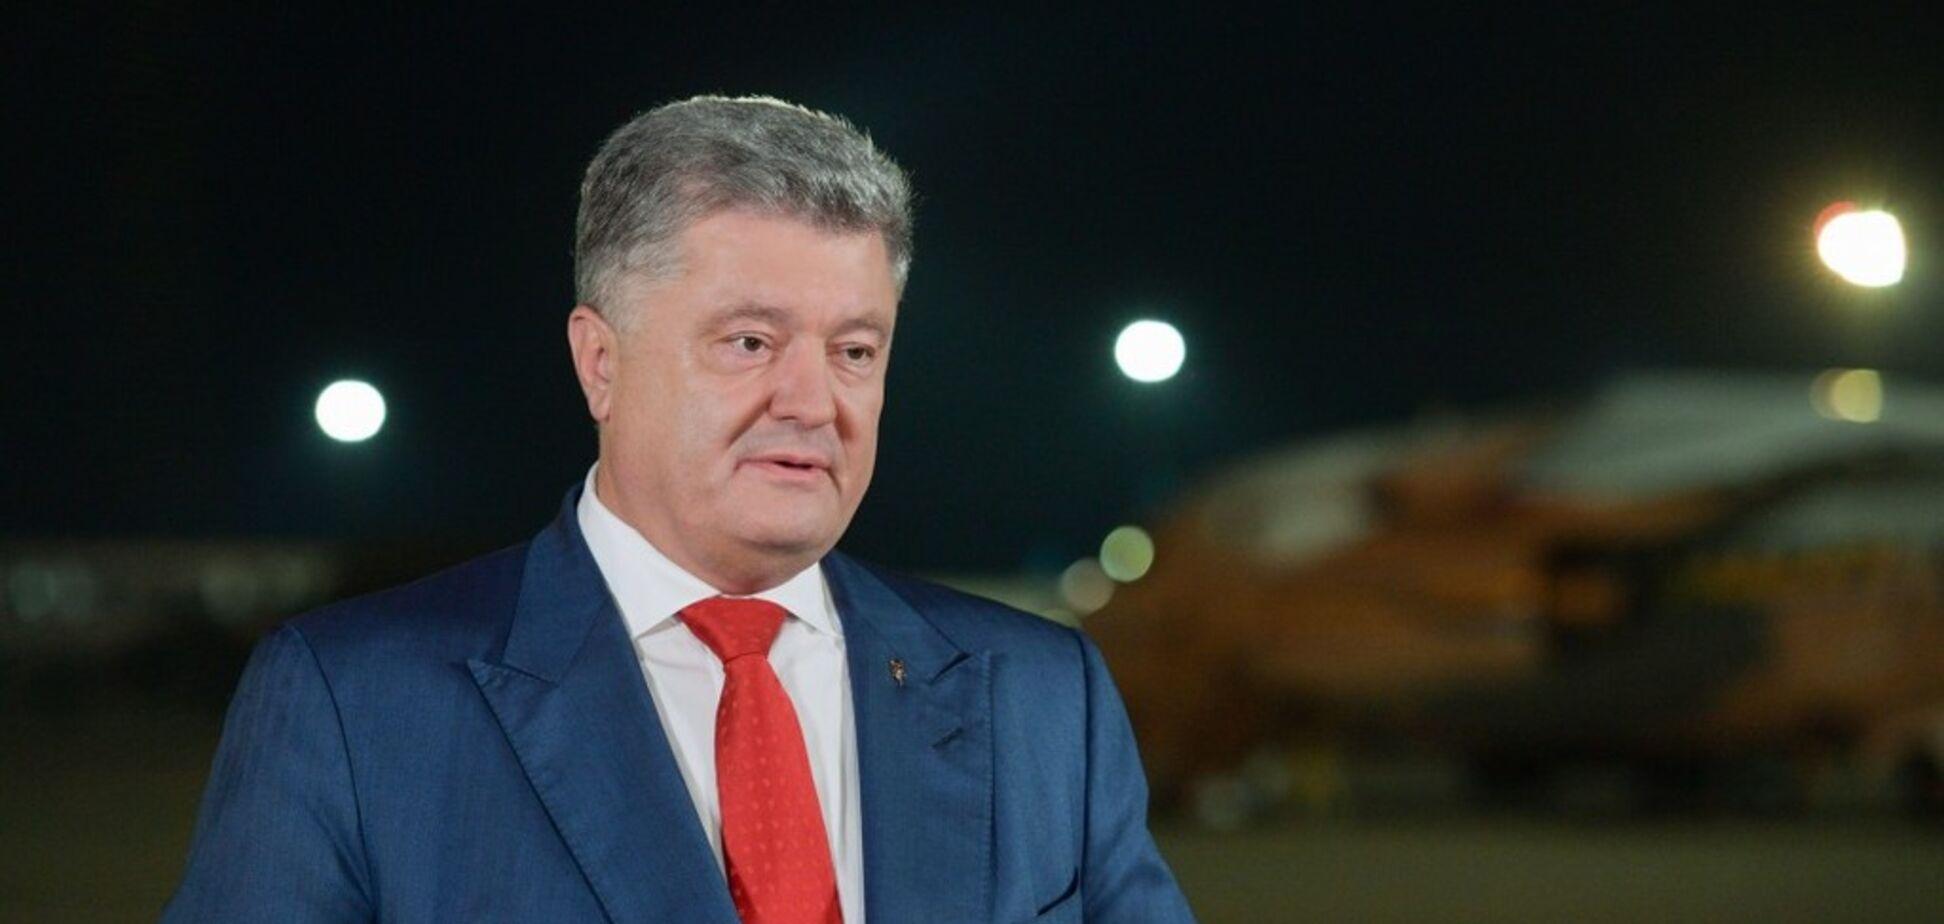 Україна отримала автокефалію: Порошенко заявив про падіння Третього Риму